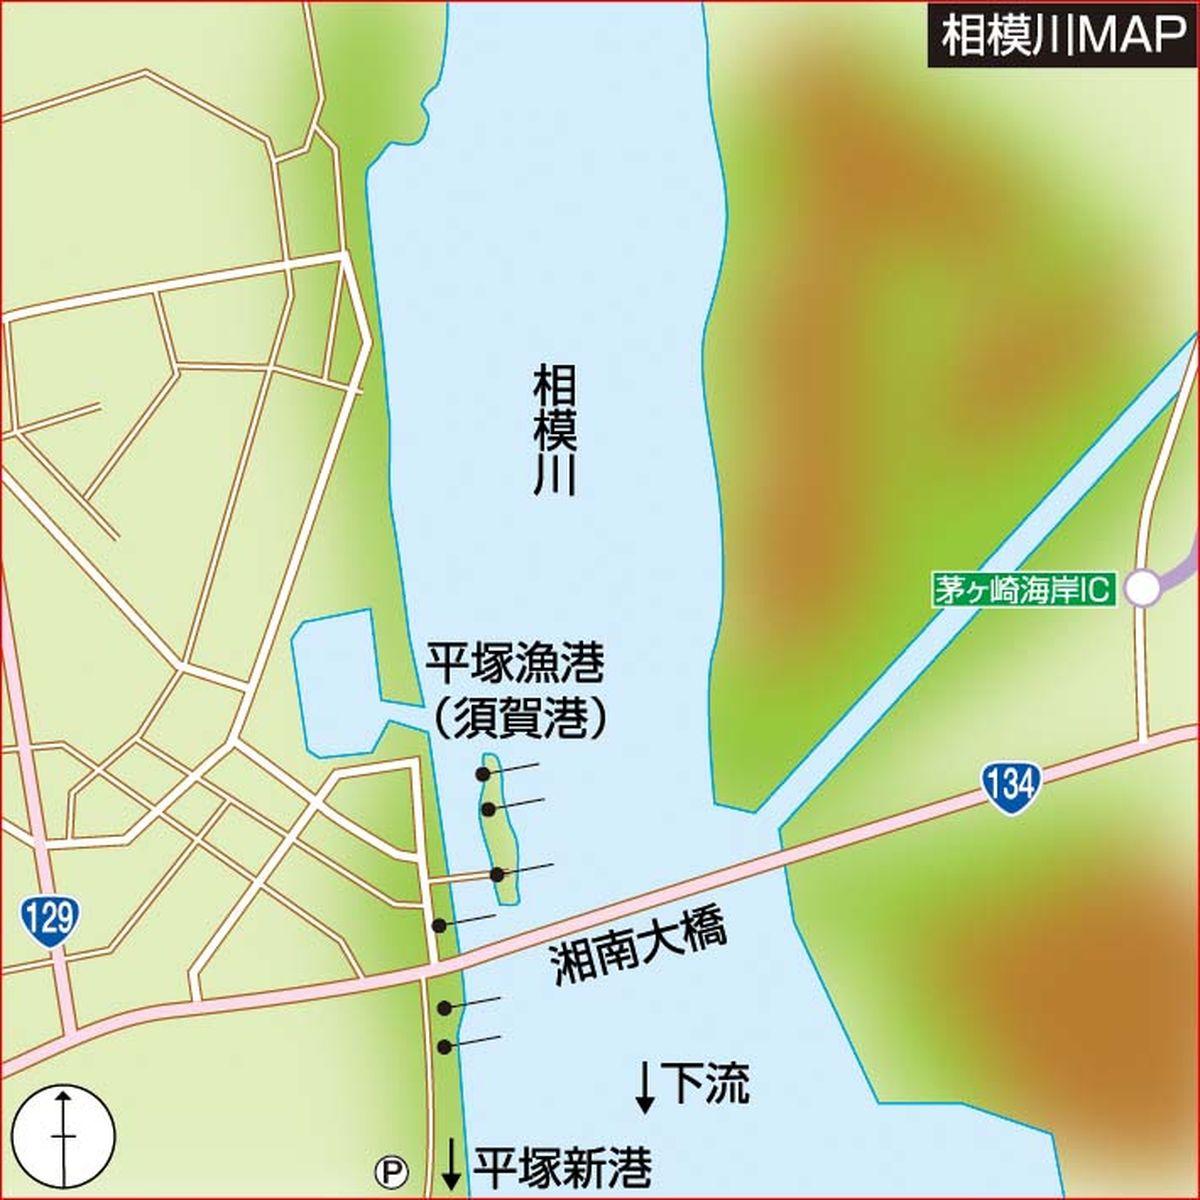 047-048-choinage-tsuriba_cs6 (5)